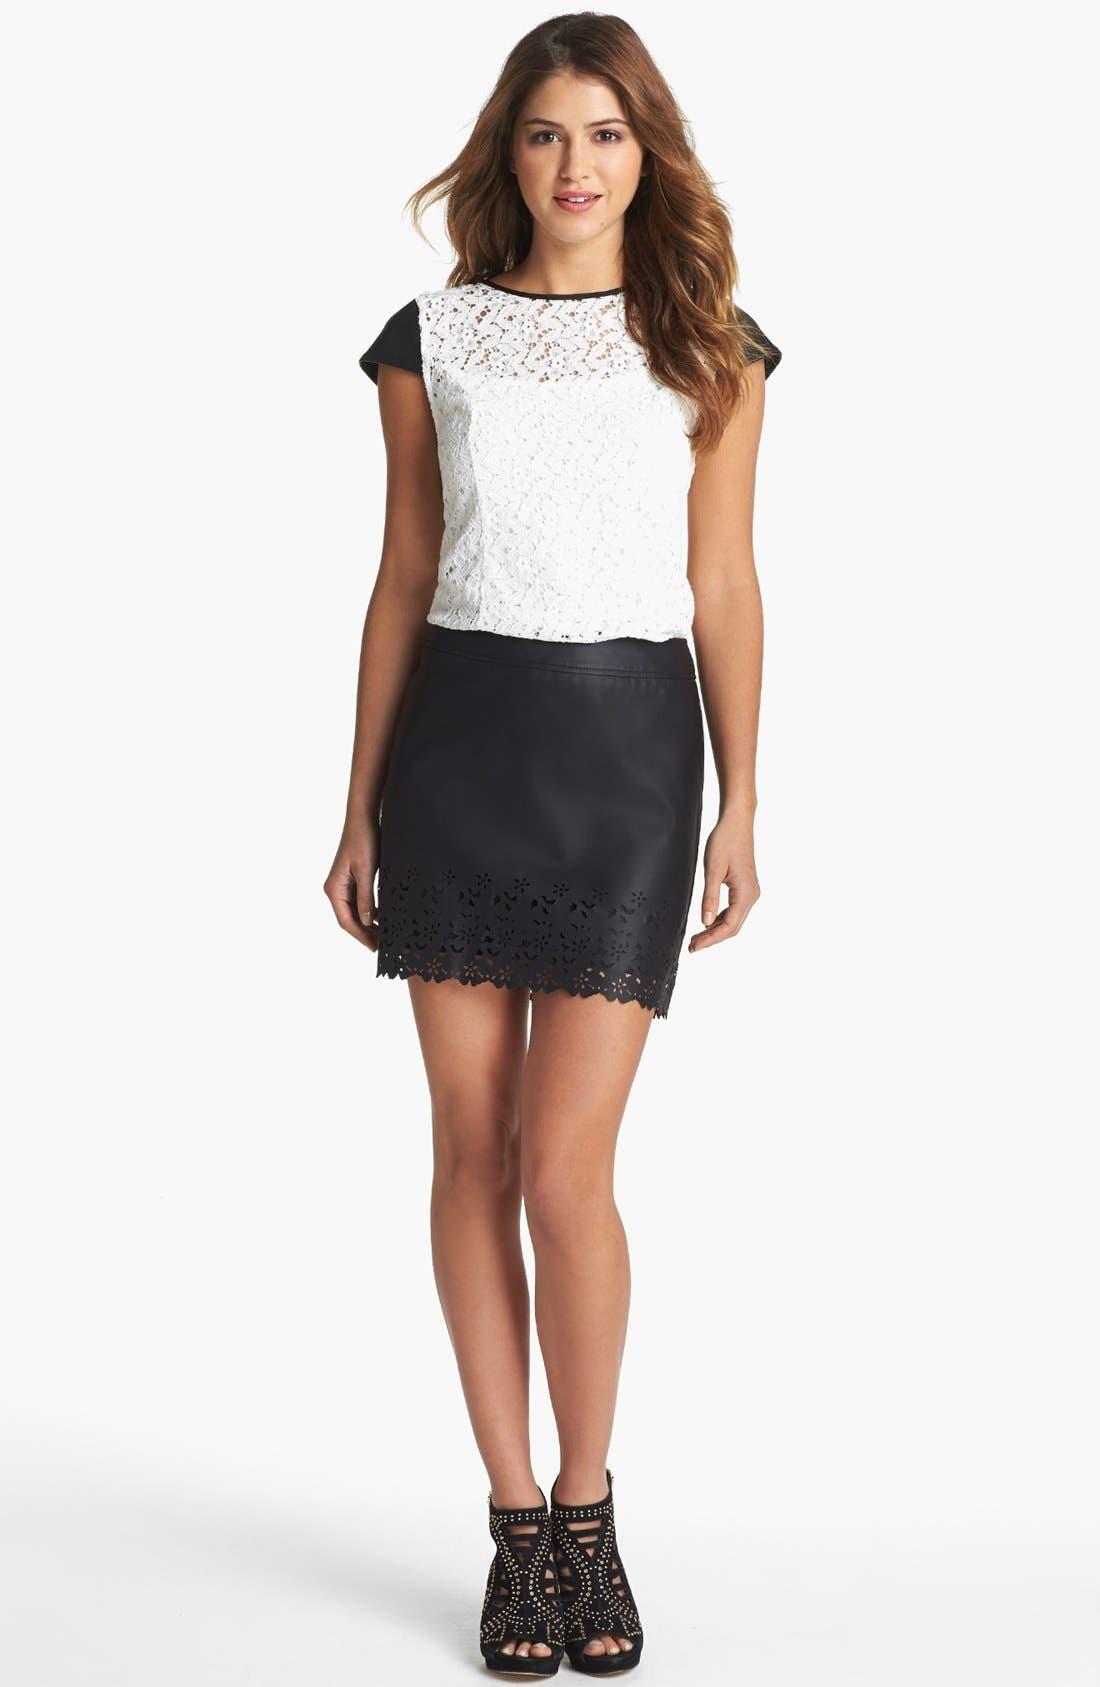 Alternate Image 1 Selected - Kensie Top & Miniskirt